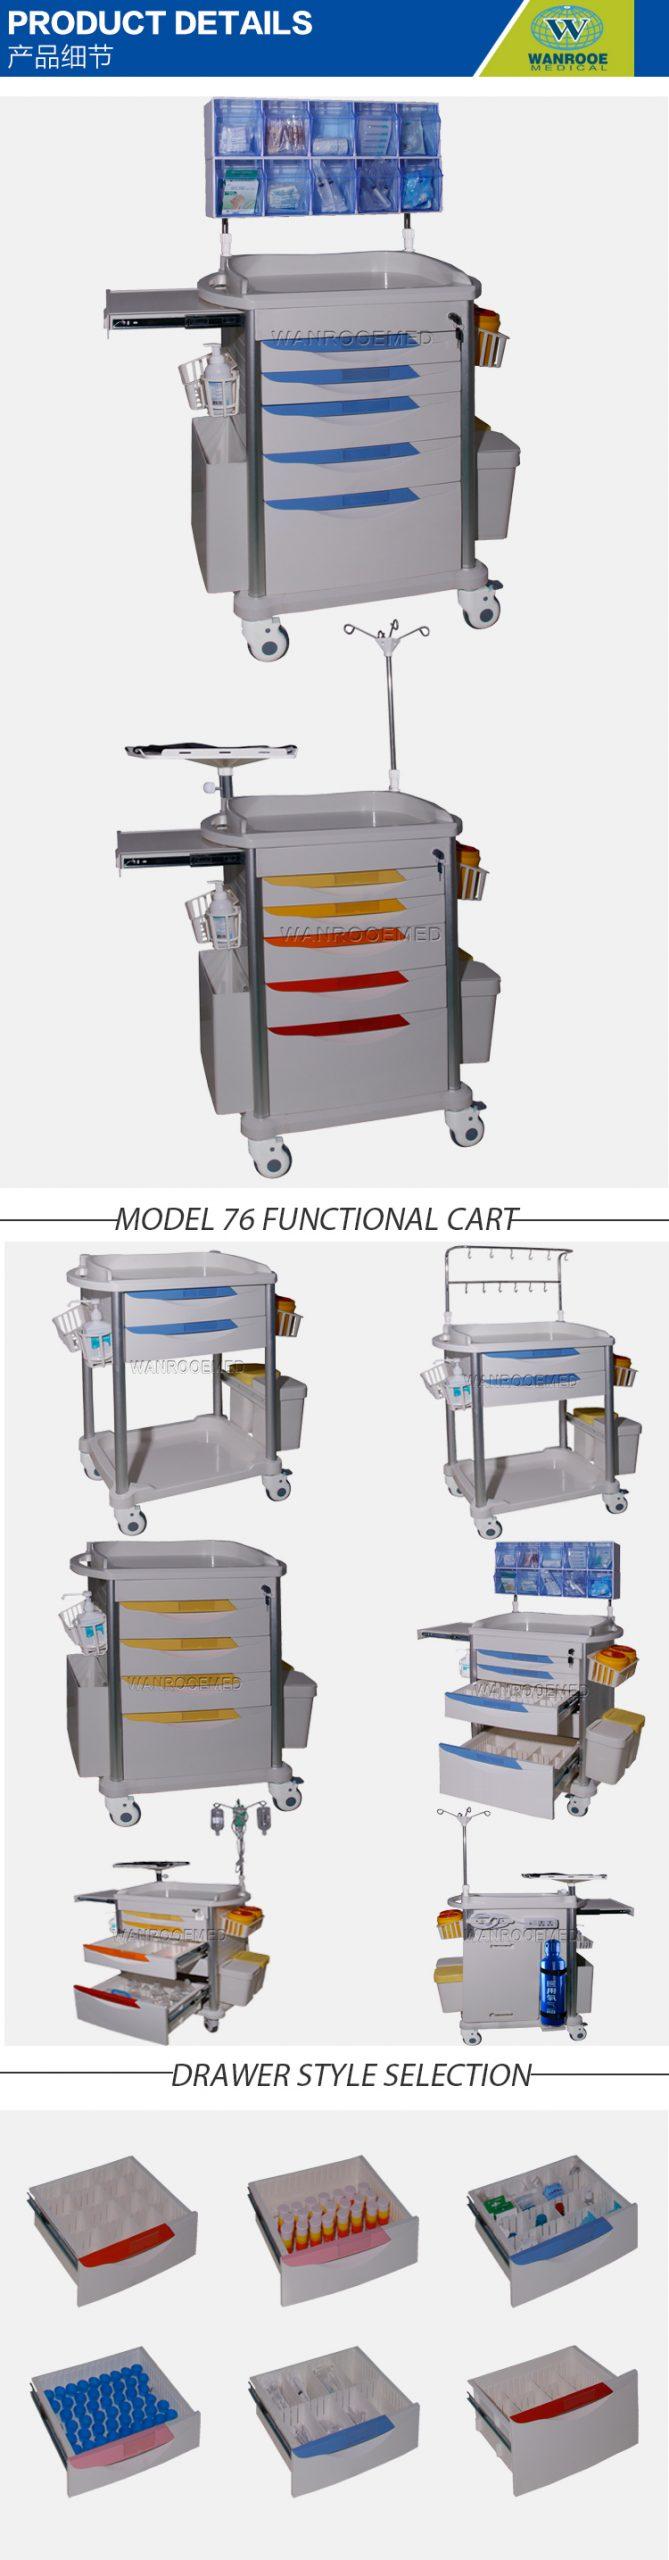 Emergency Trolley,Anesthesia Trolley,Medicine Trolley,Instrument Trolley,Infusion Trolley